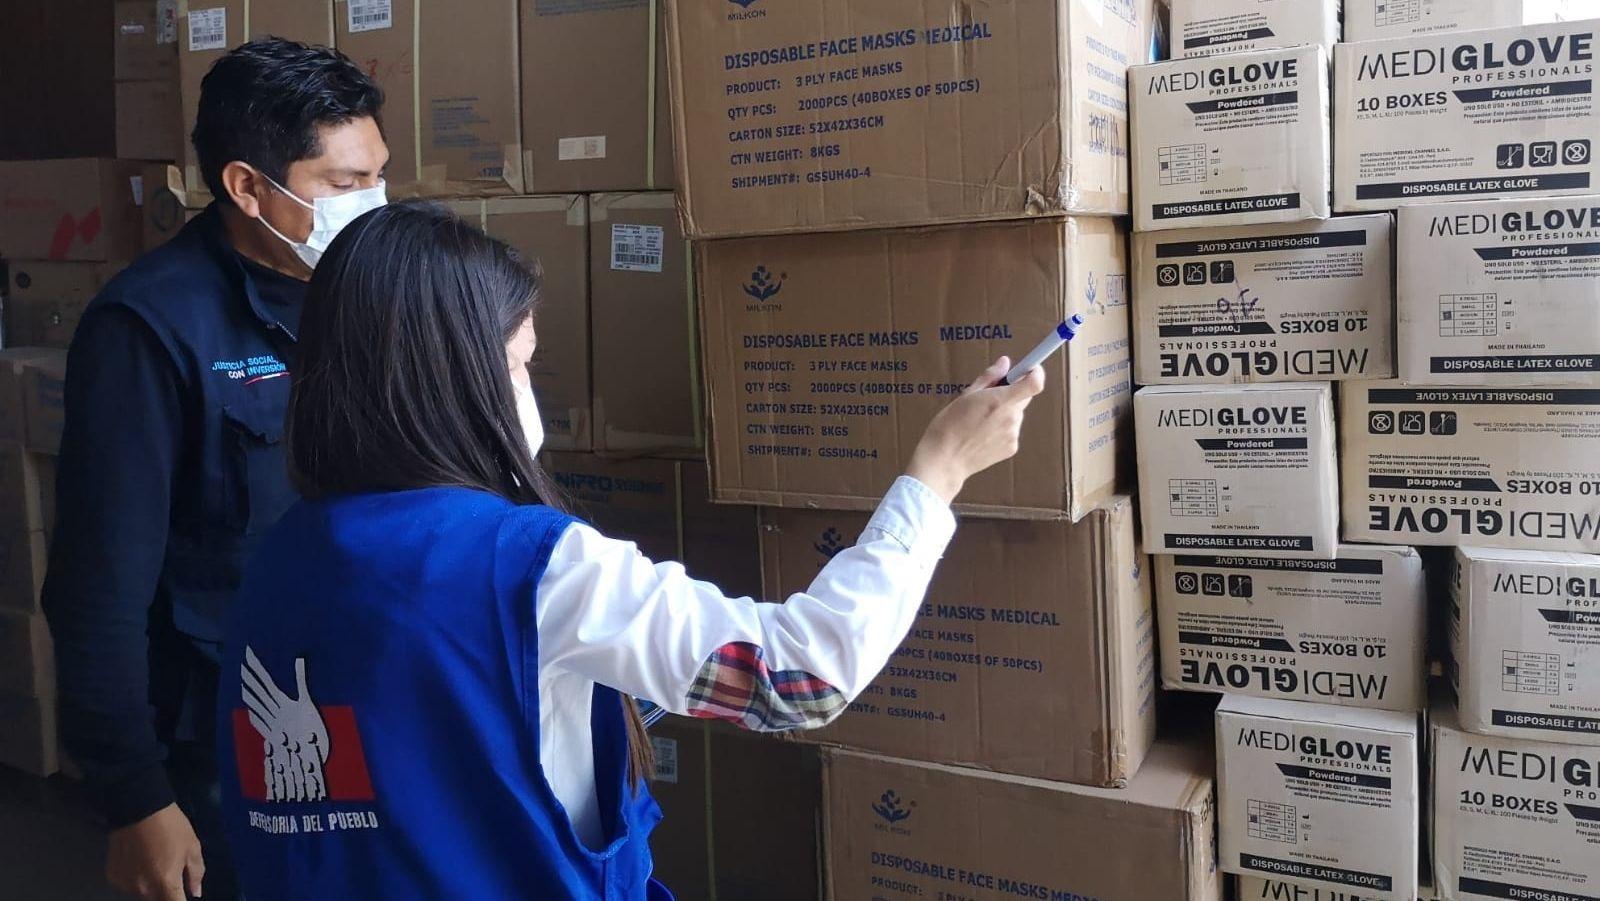 Defensoría del Pueblo: urgen acciones para garantizar la adecuada manipulación de medicamentos en almacén de La Libertad